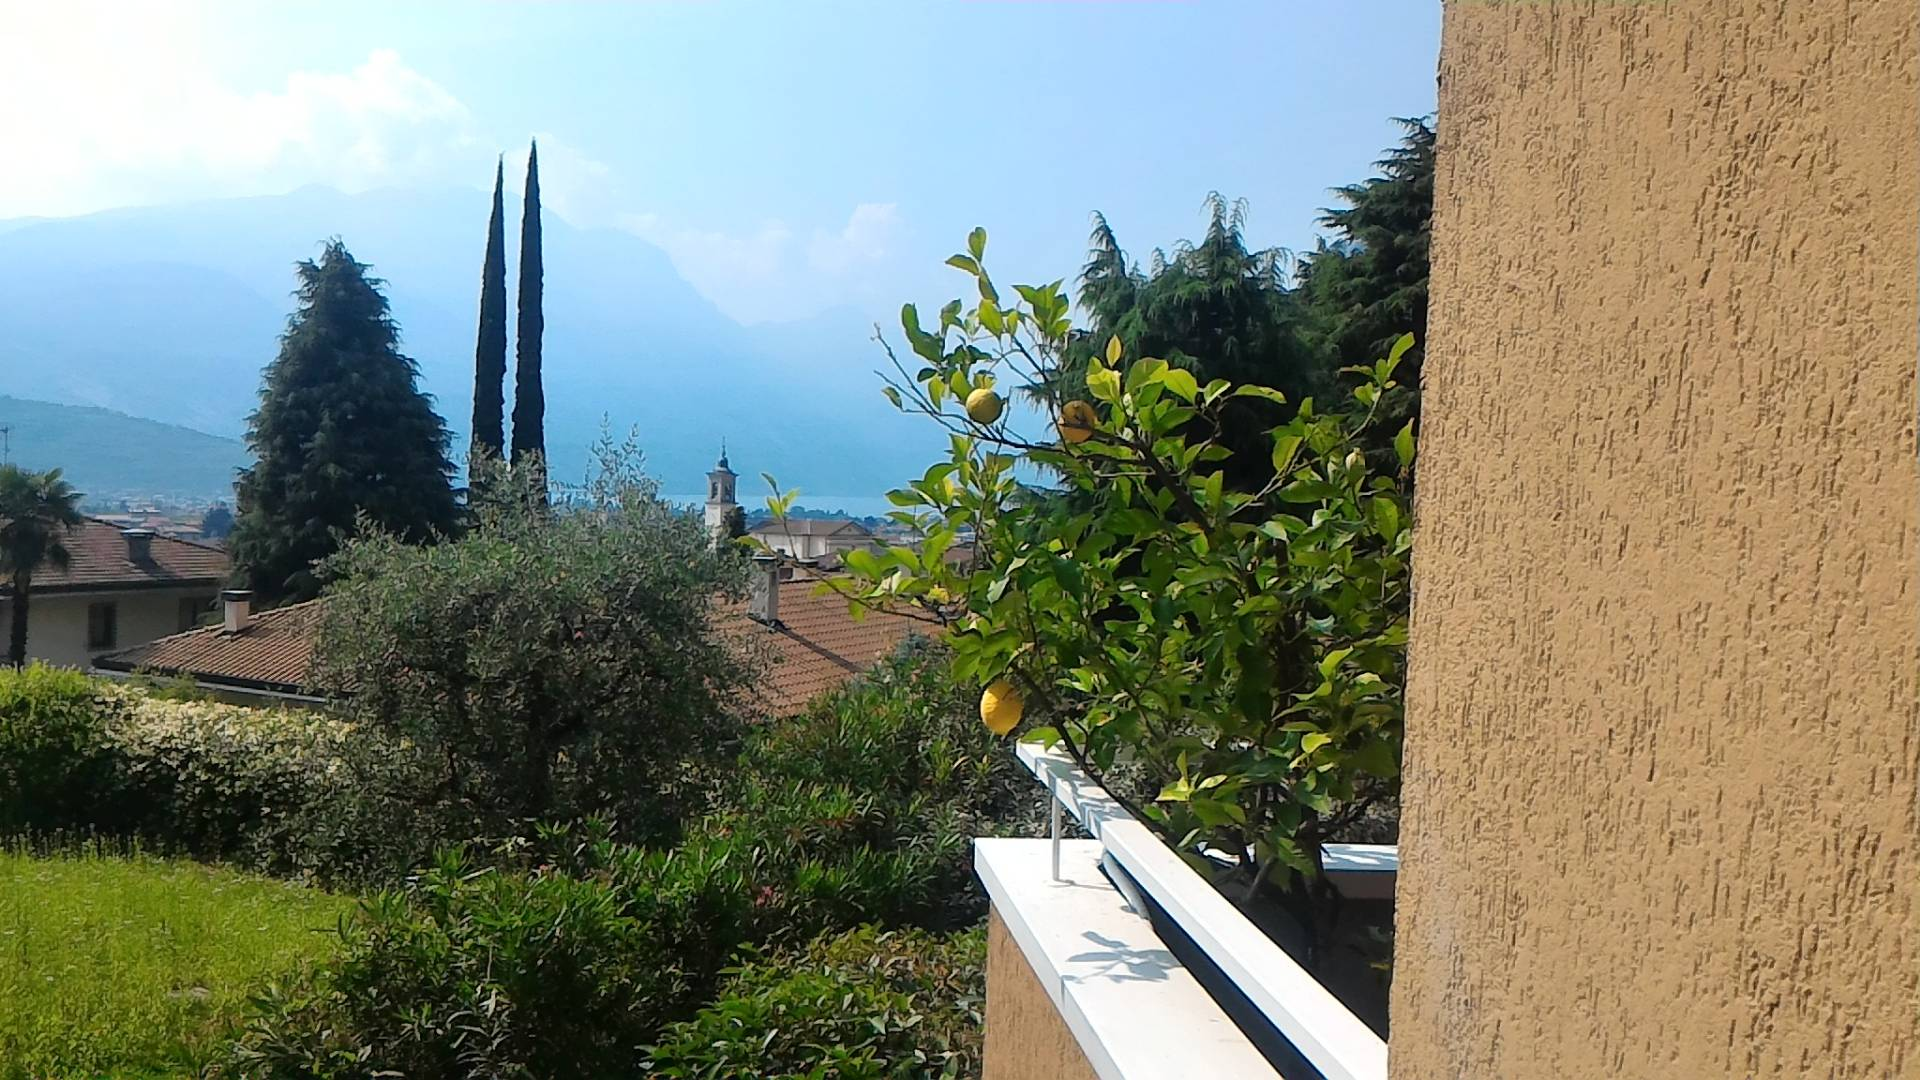 Appartamento in vendita a Riva del Garda, 2 locali, zona Zona: Riva, prezzo € 129.000 | CambioCasa.it